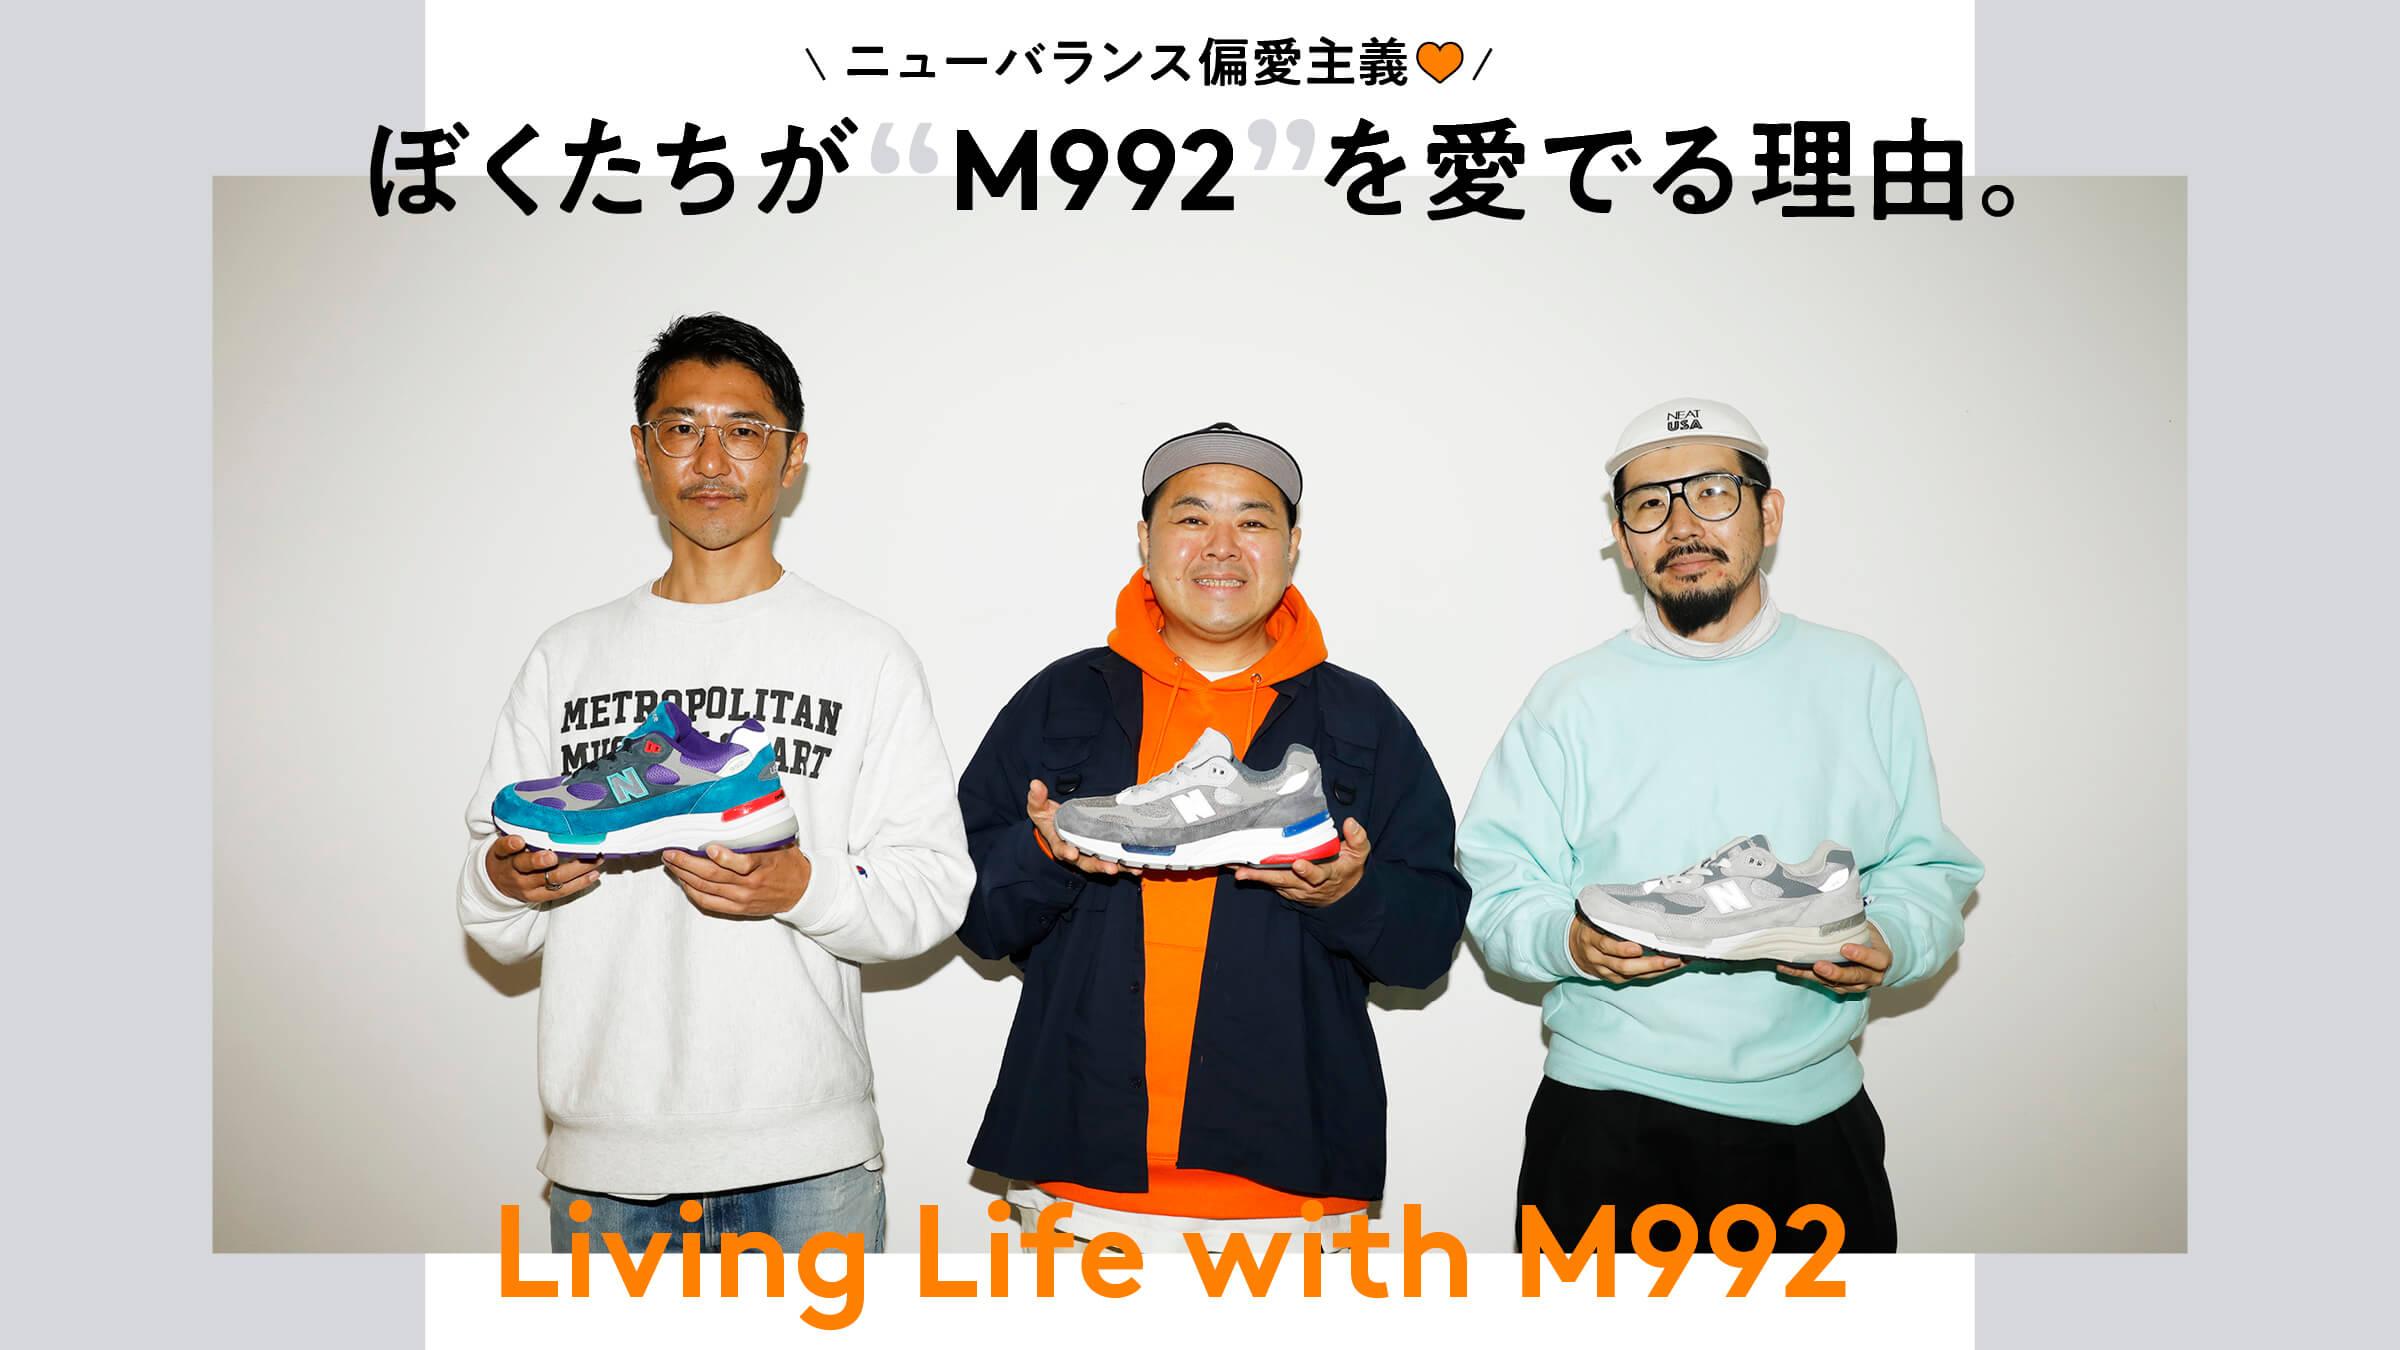 Living Life with M992 <br>ニューバランス偏愛主義♡<br> ぼくたちが「M992」を愛でる理由。